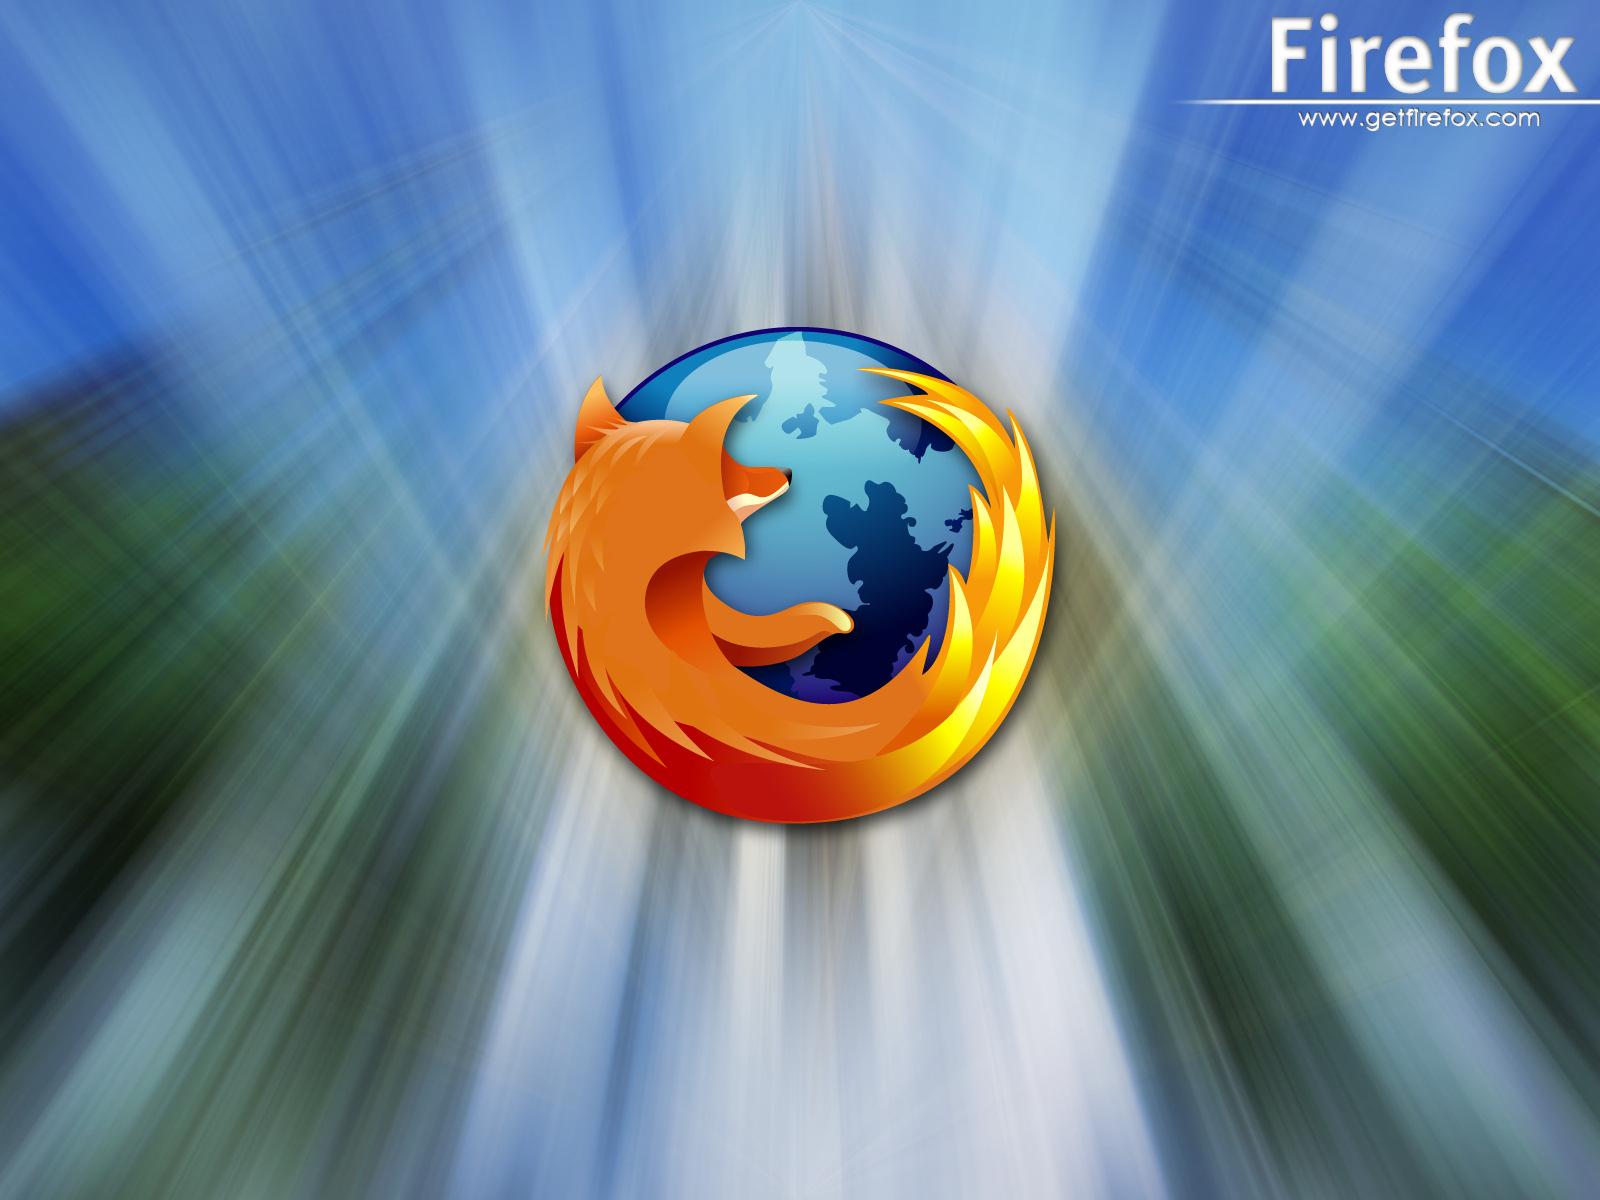 http://4.bp.blogspot.com/-qr9_kr6OPZE/Tgm2c1Id2PI/AAAAAAAAA8I/wJ1vyHf8b0E/s1600/firefox1%2Bby%2Bwww.bdtvstar.com%2B%252821%2529.jpg